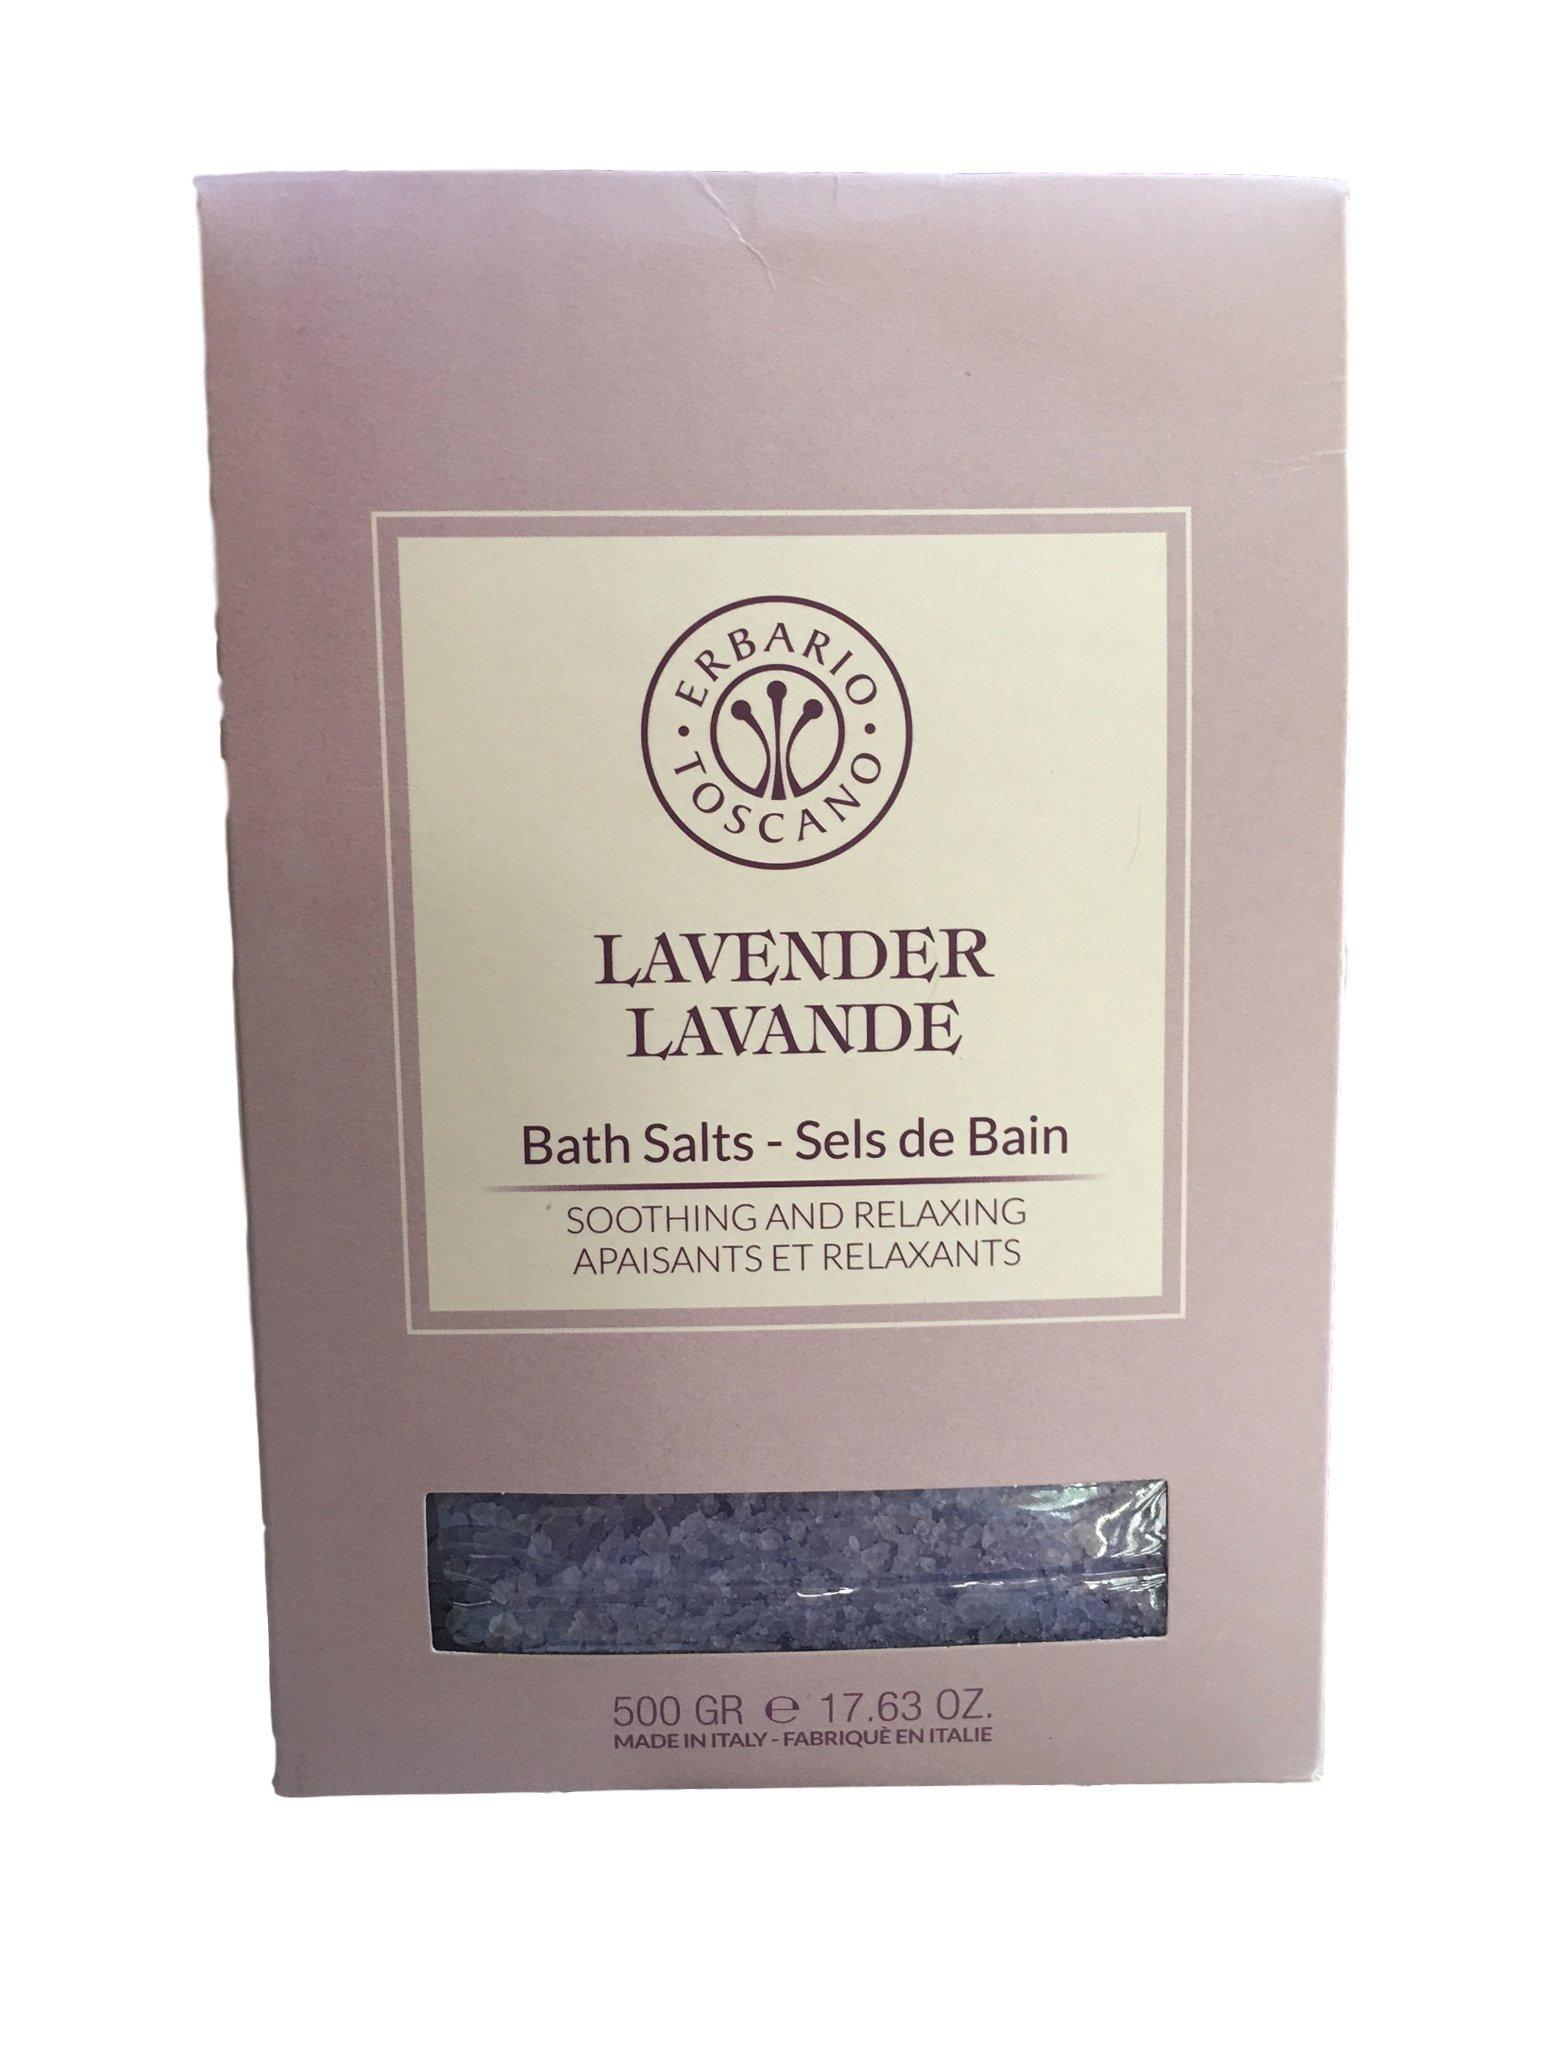 Erbario Toscano Lavender Lavande Bath Salts Made in Italy